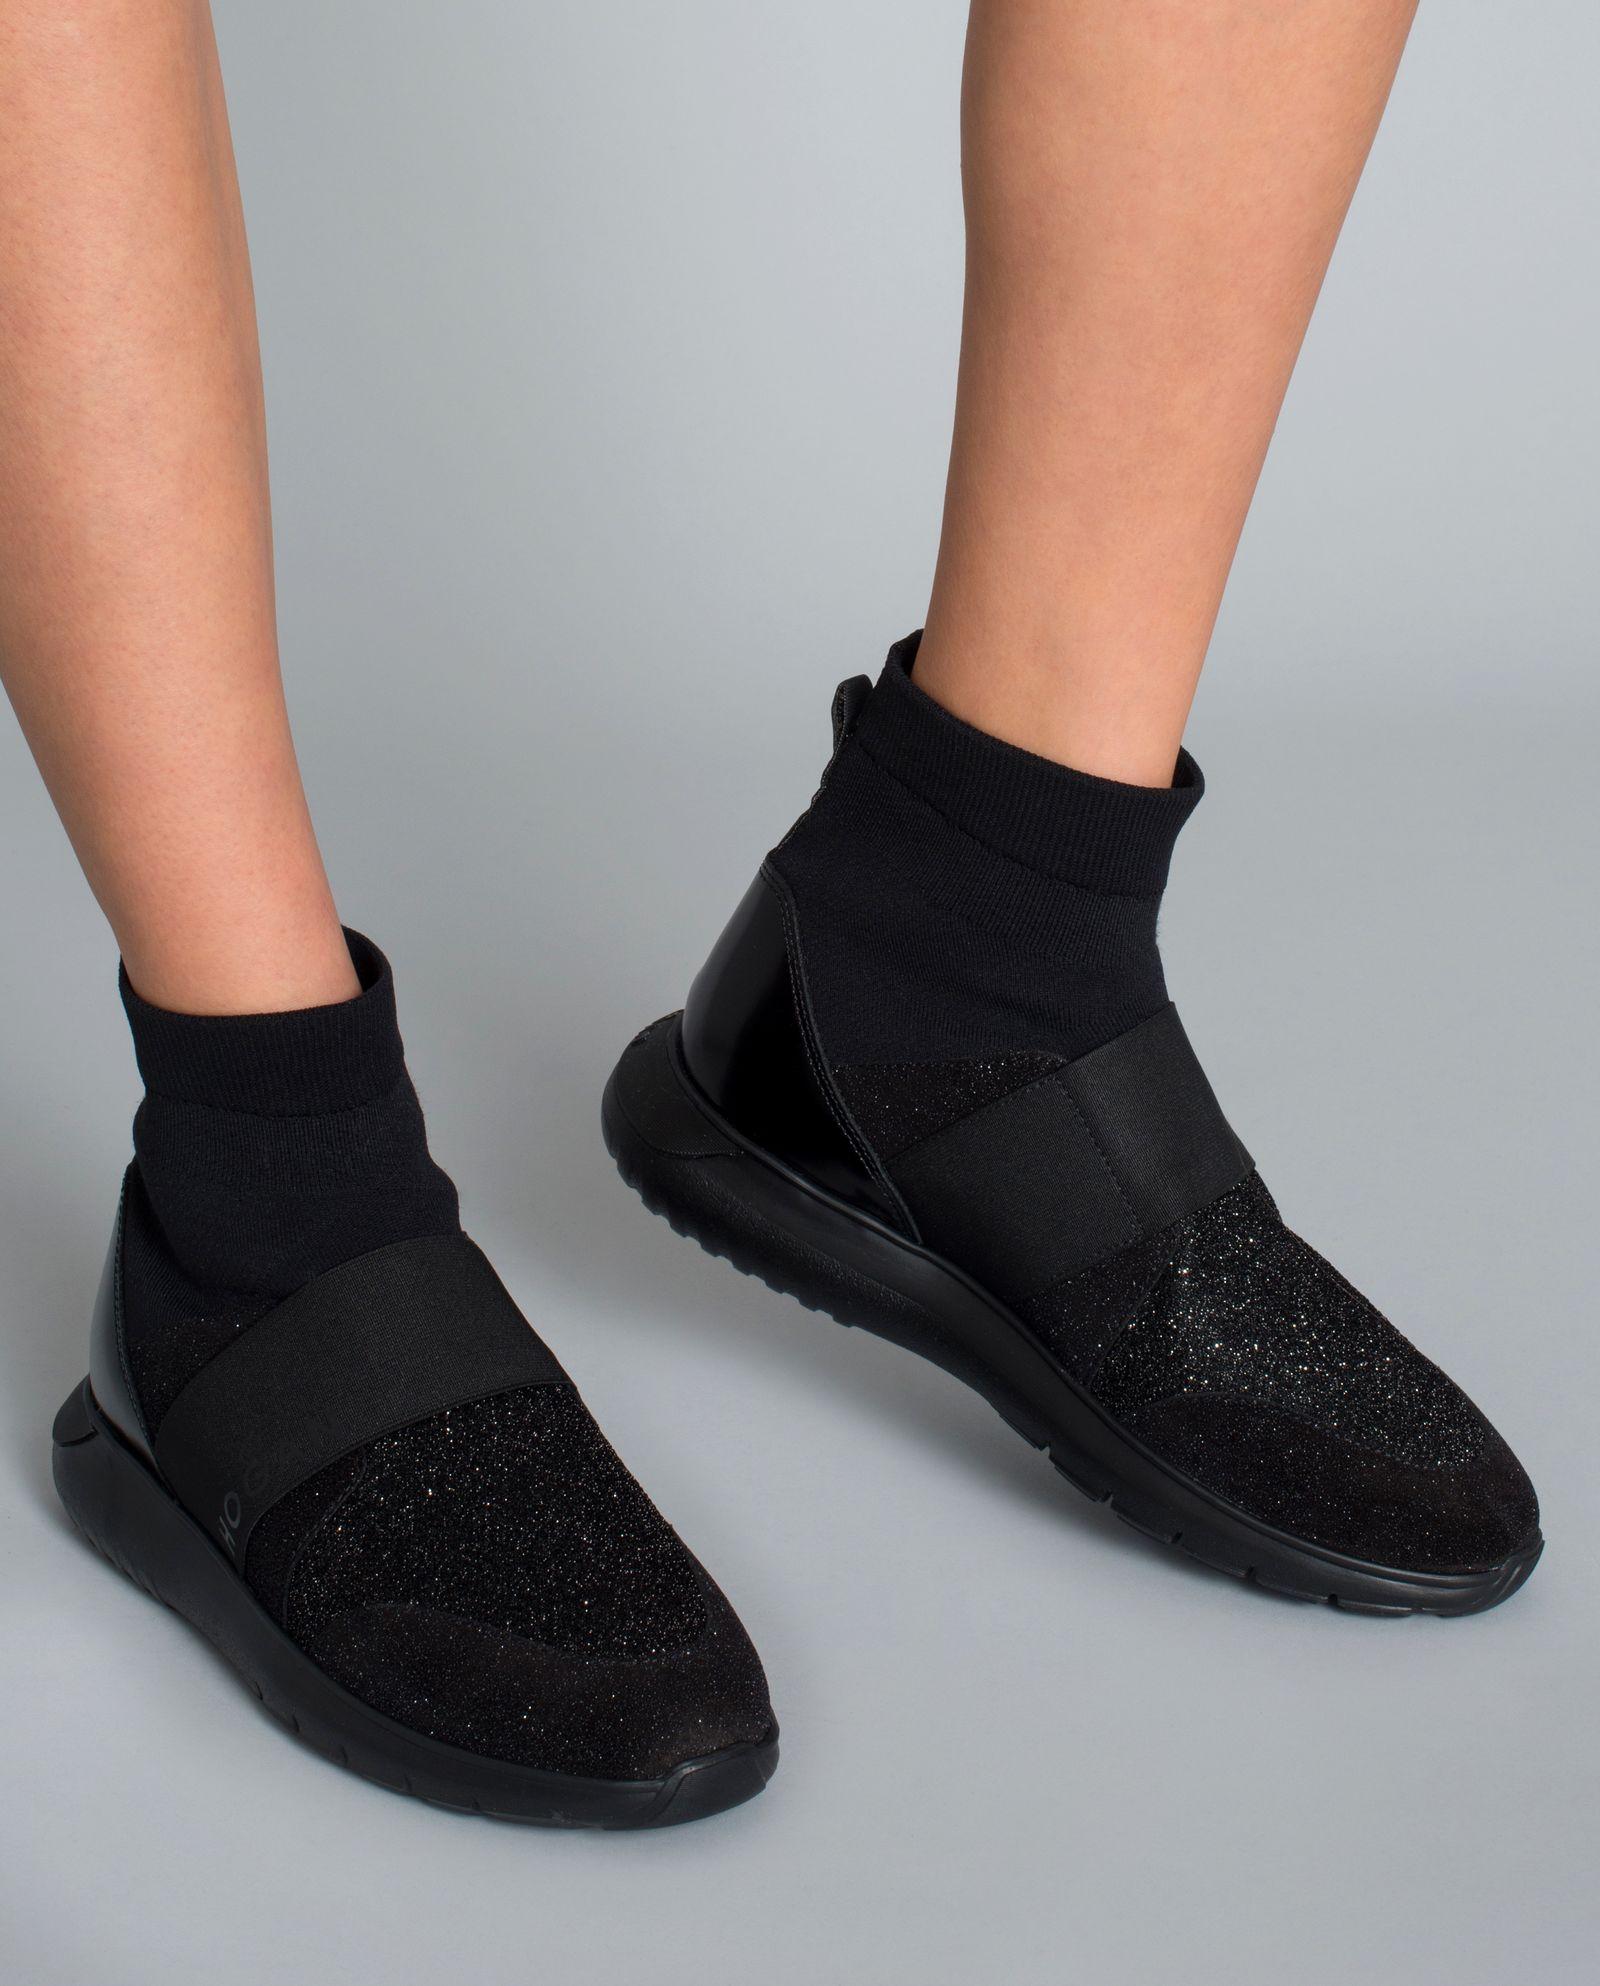 Sneakersy interactive³ HOGAN – Kup teď! Nejlepší ceny a recenze! Obchod  Moliera2.cz. 325cb2186d